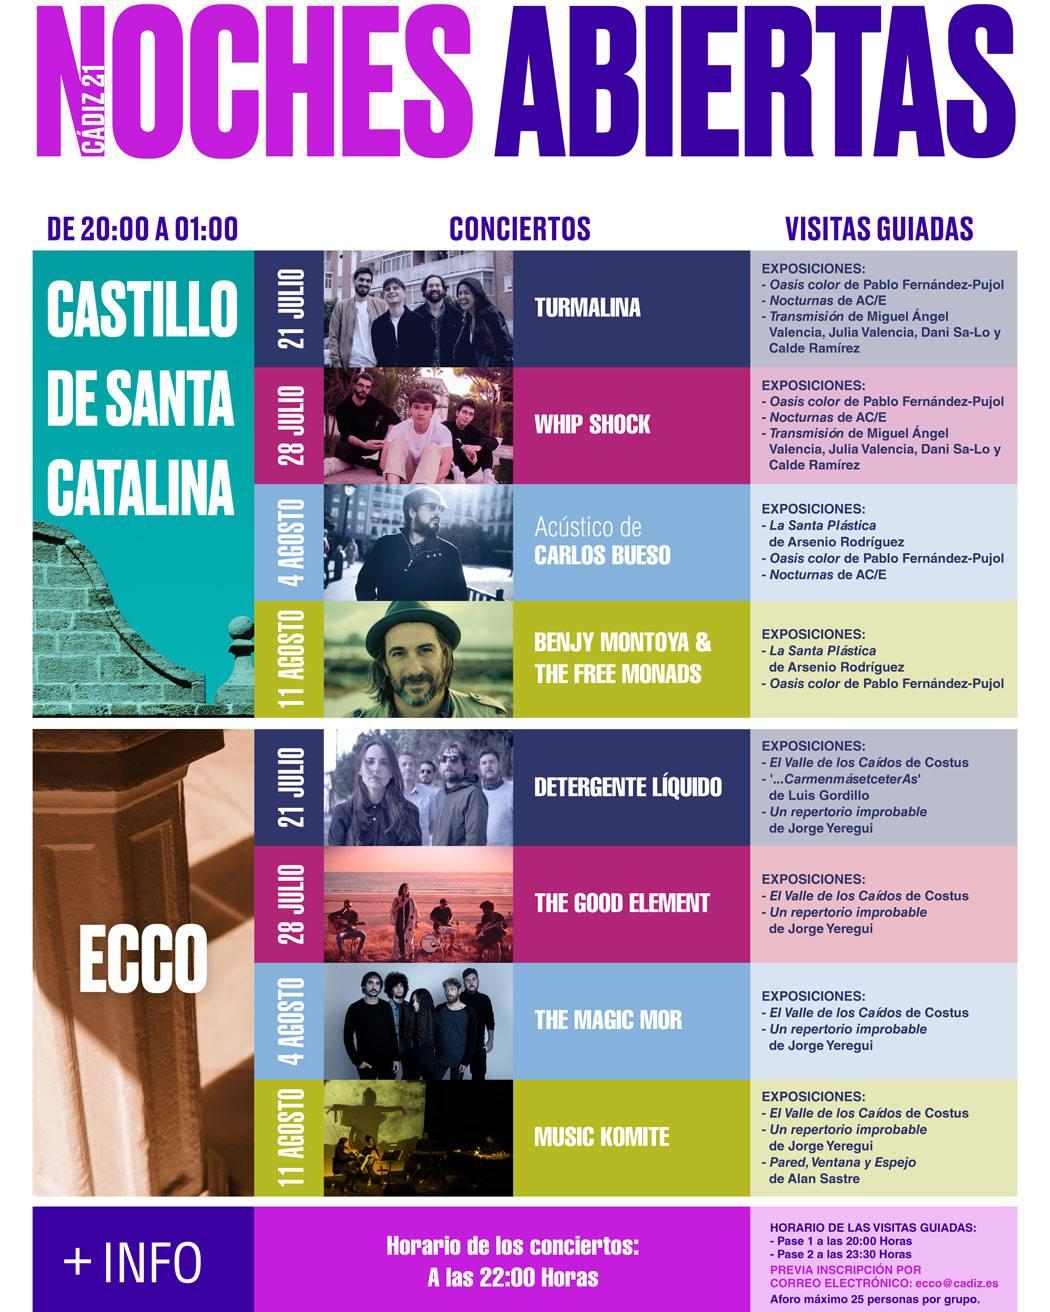 Noches Abiertas - Exposiciones guiadas y conciertos en el Castillo Santa Catalina y ECCO